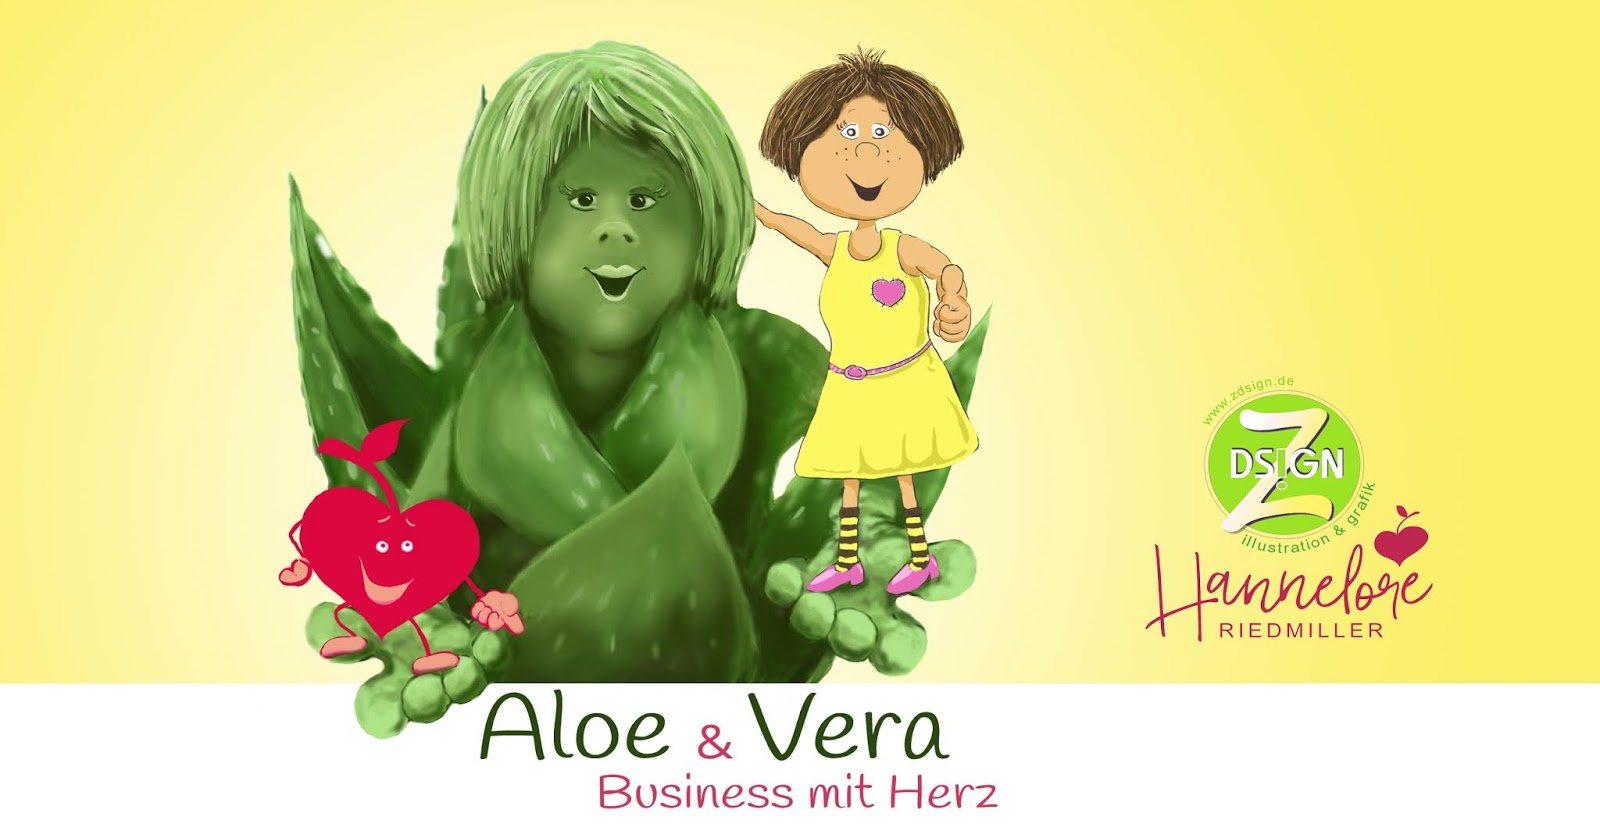 Aloe-und-Veras-Darmgeschichten-von-Hannelore-Riedmiller-und-Iris-Zeh-zdsign